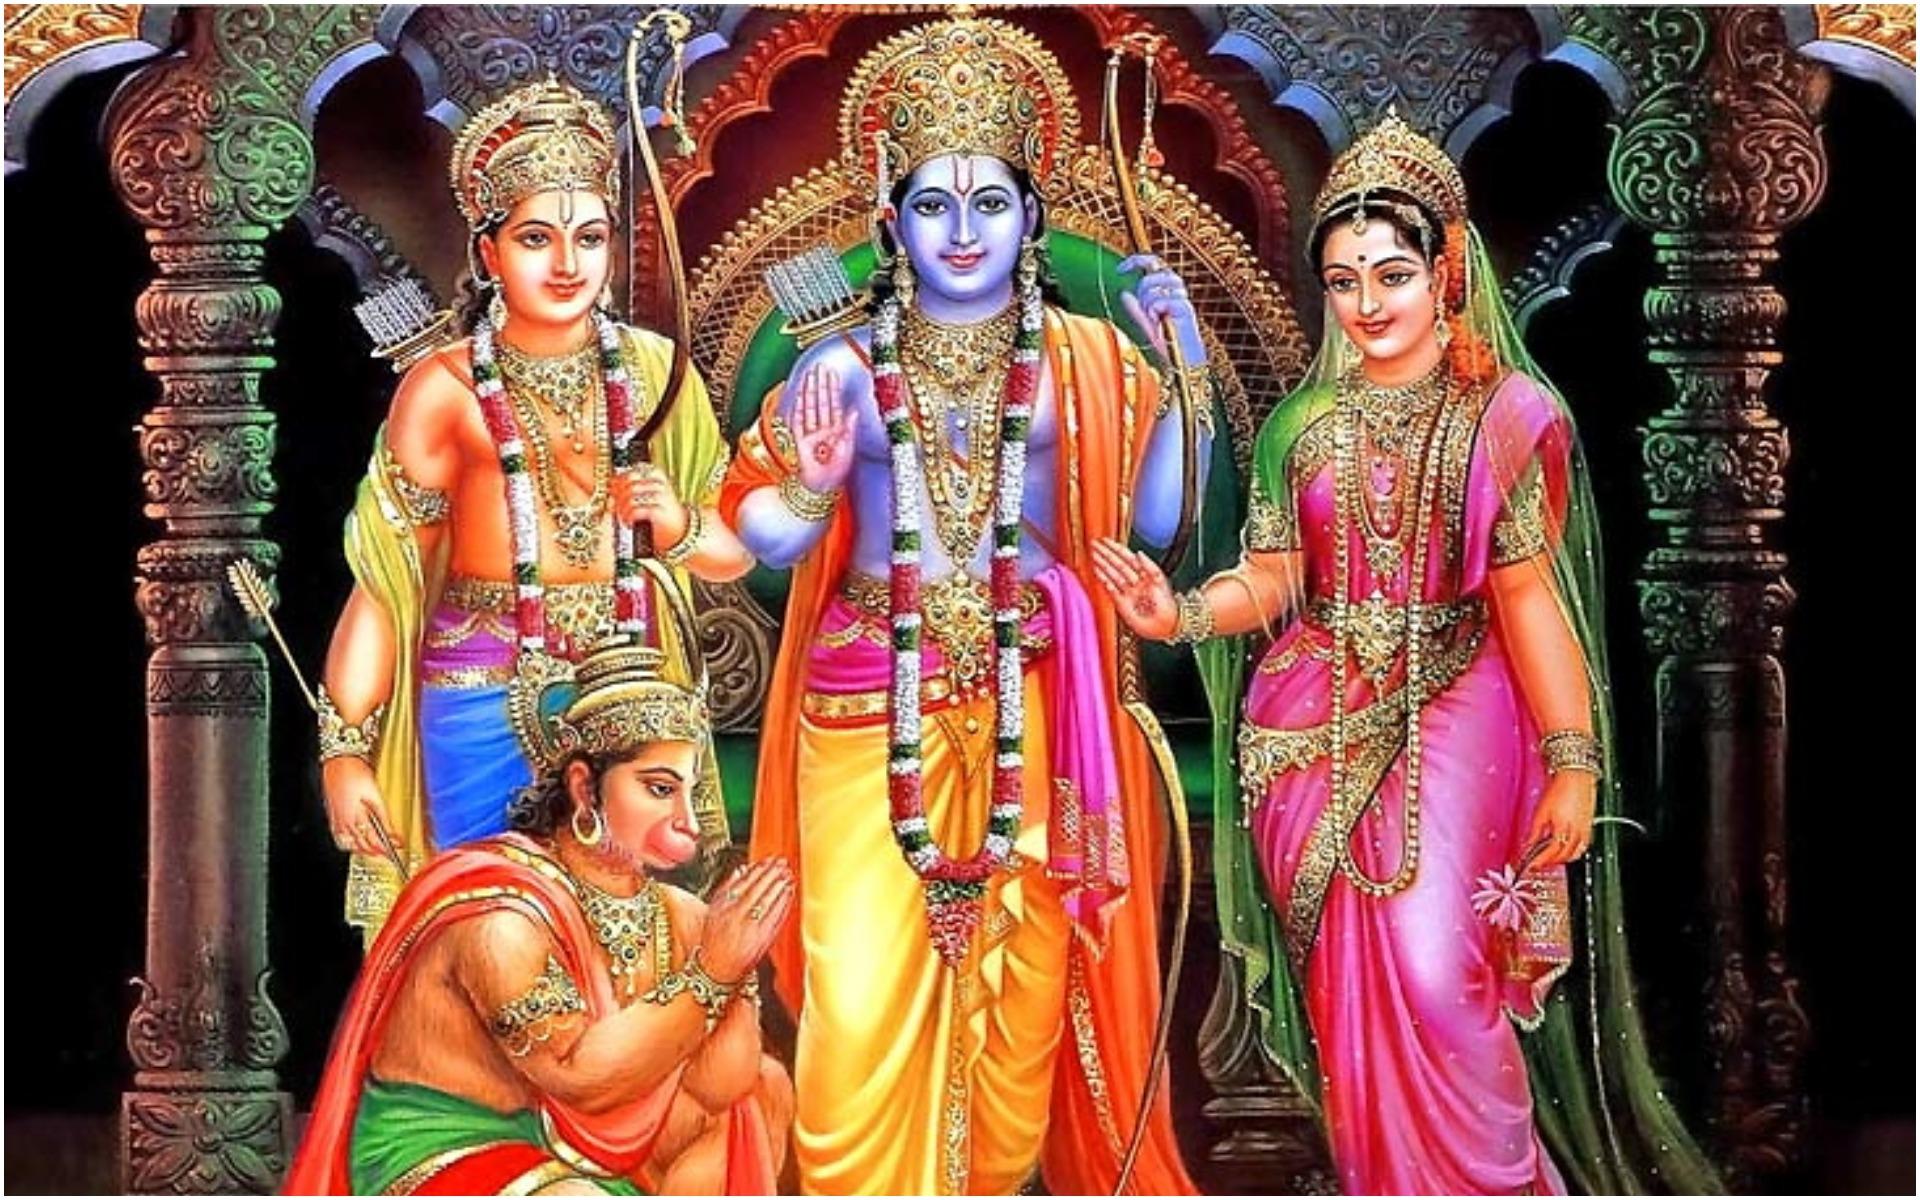 Ram Navami 2020 Puja Vidhi: नवमी को ऐसे करें रामजी को खुश, जानिए पूजा विधि, शुभ मुहूर्त और महत्व